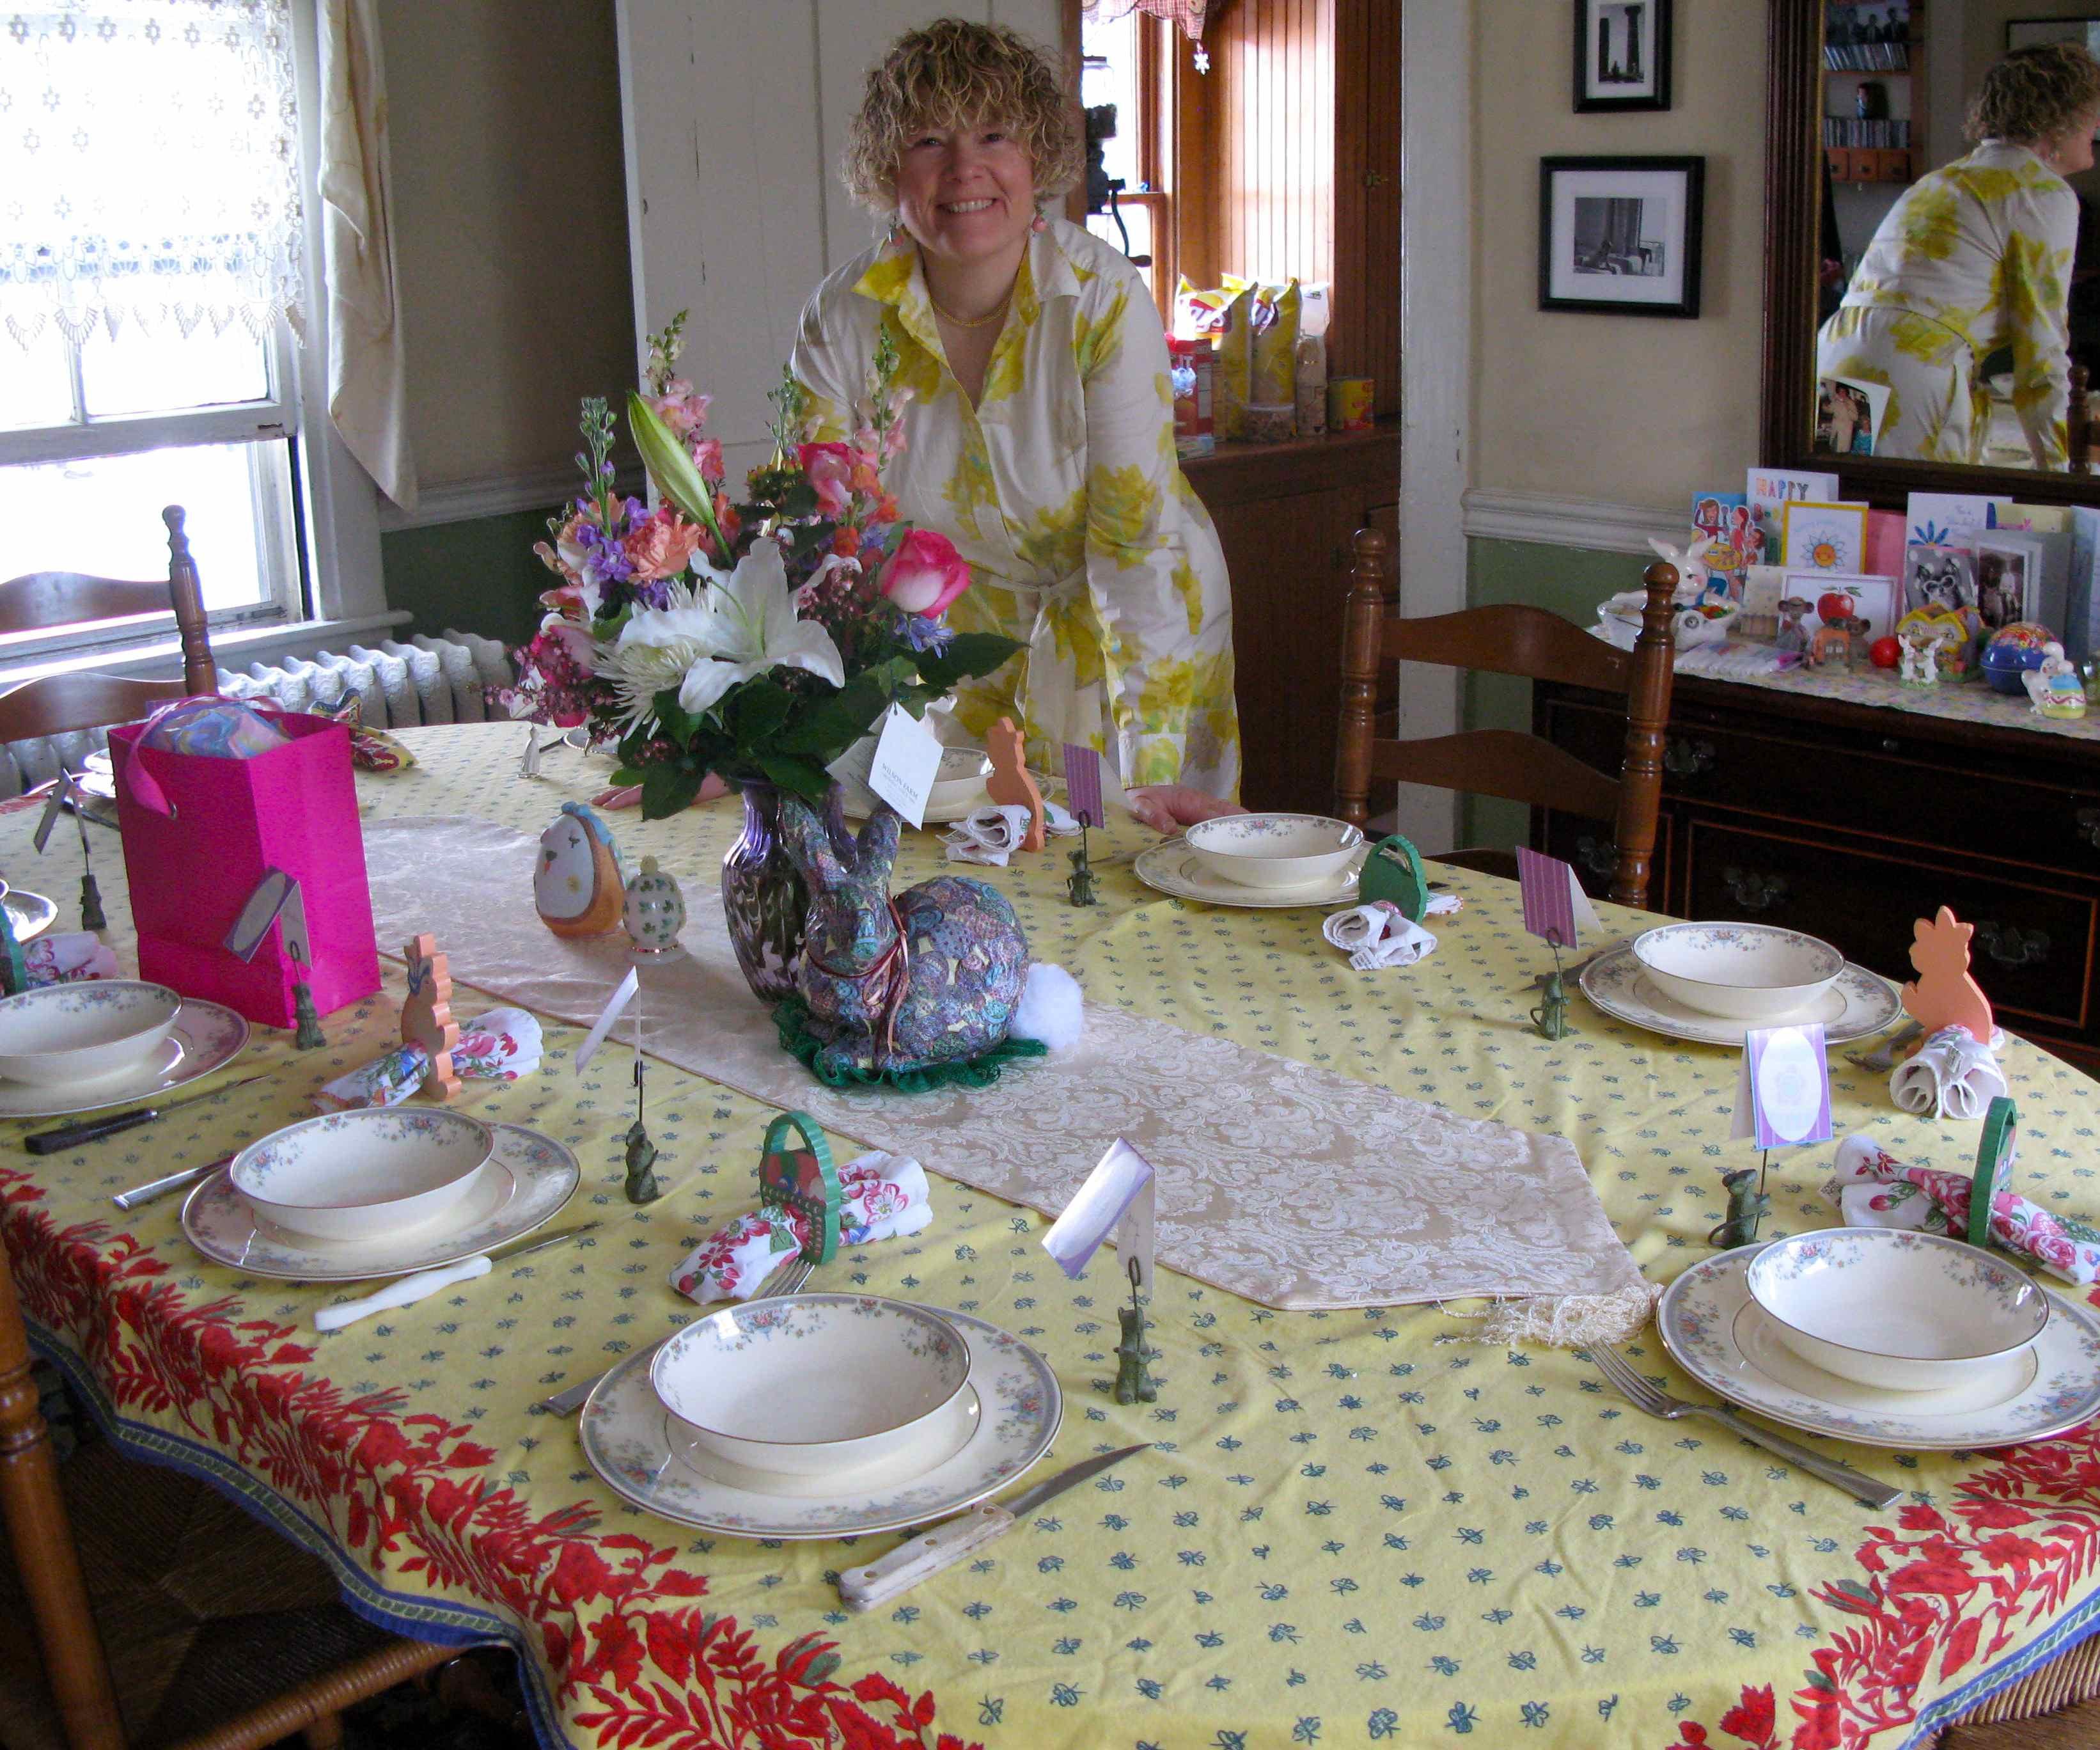 Easter Dinner Restaurants  Easter Dinner In The Dining Room Myrecipes